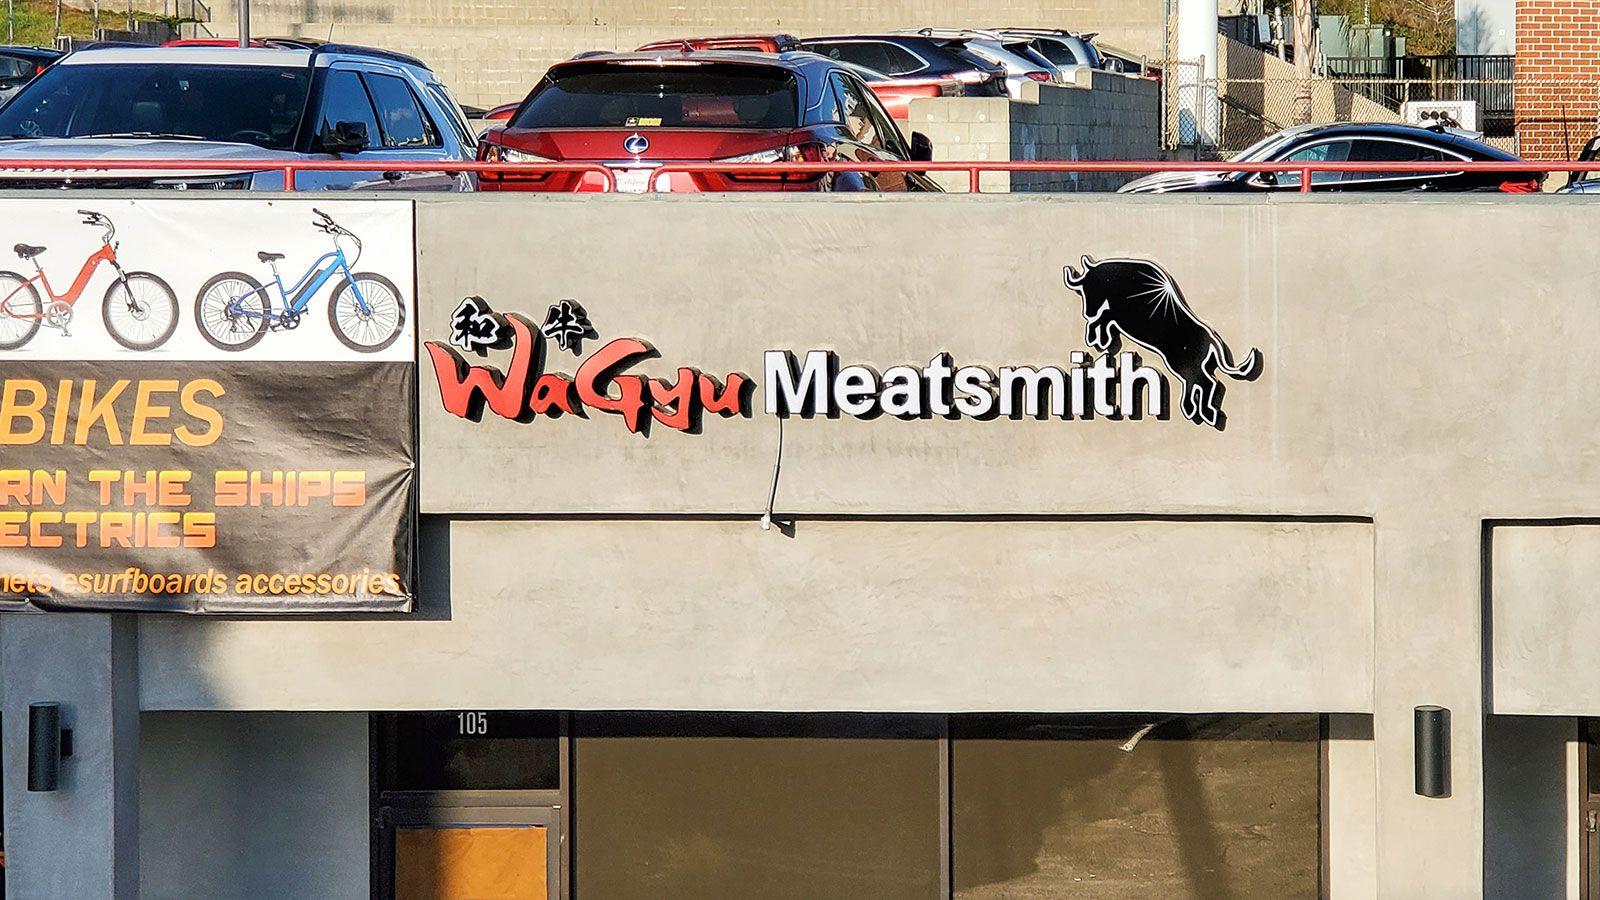 Wagyu meatsmith channel letters